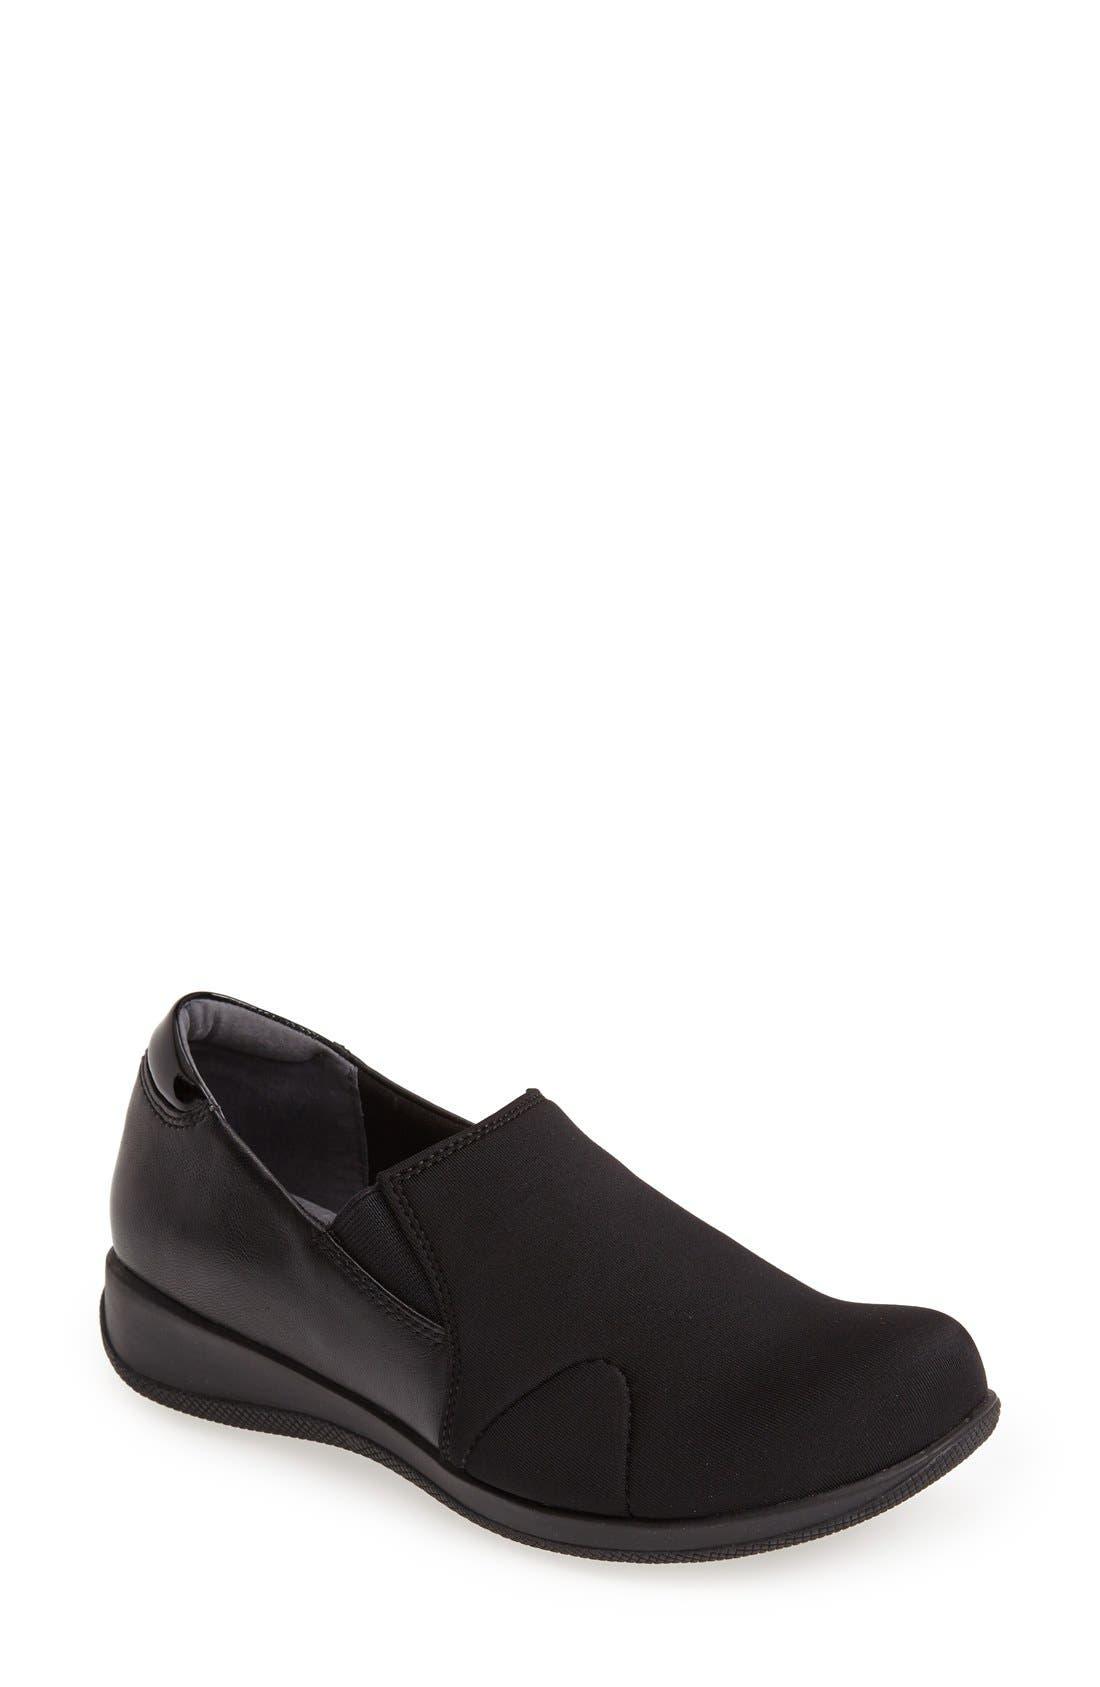 'Tilton' Slip-On,                         Main,                         color, BLACK PATENT/ BURNISH